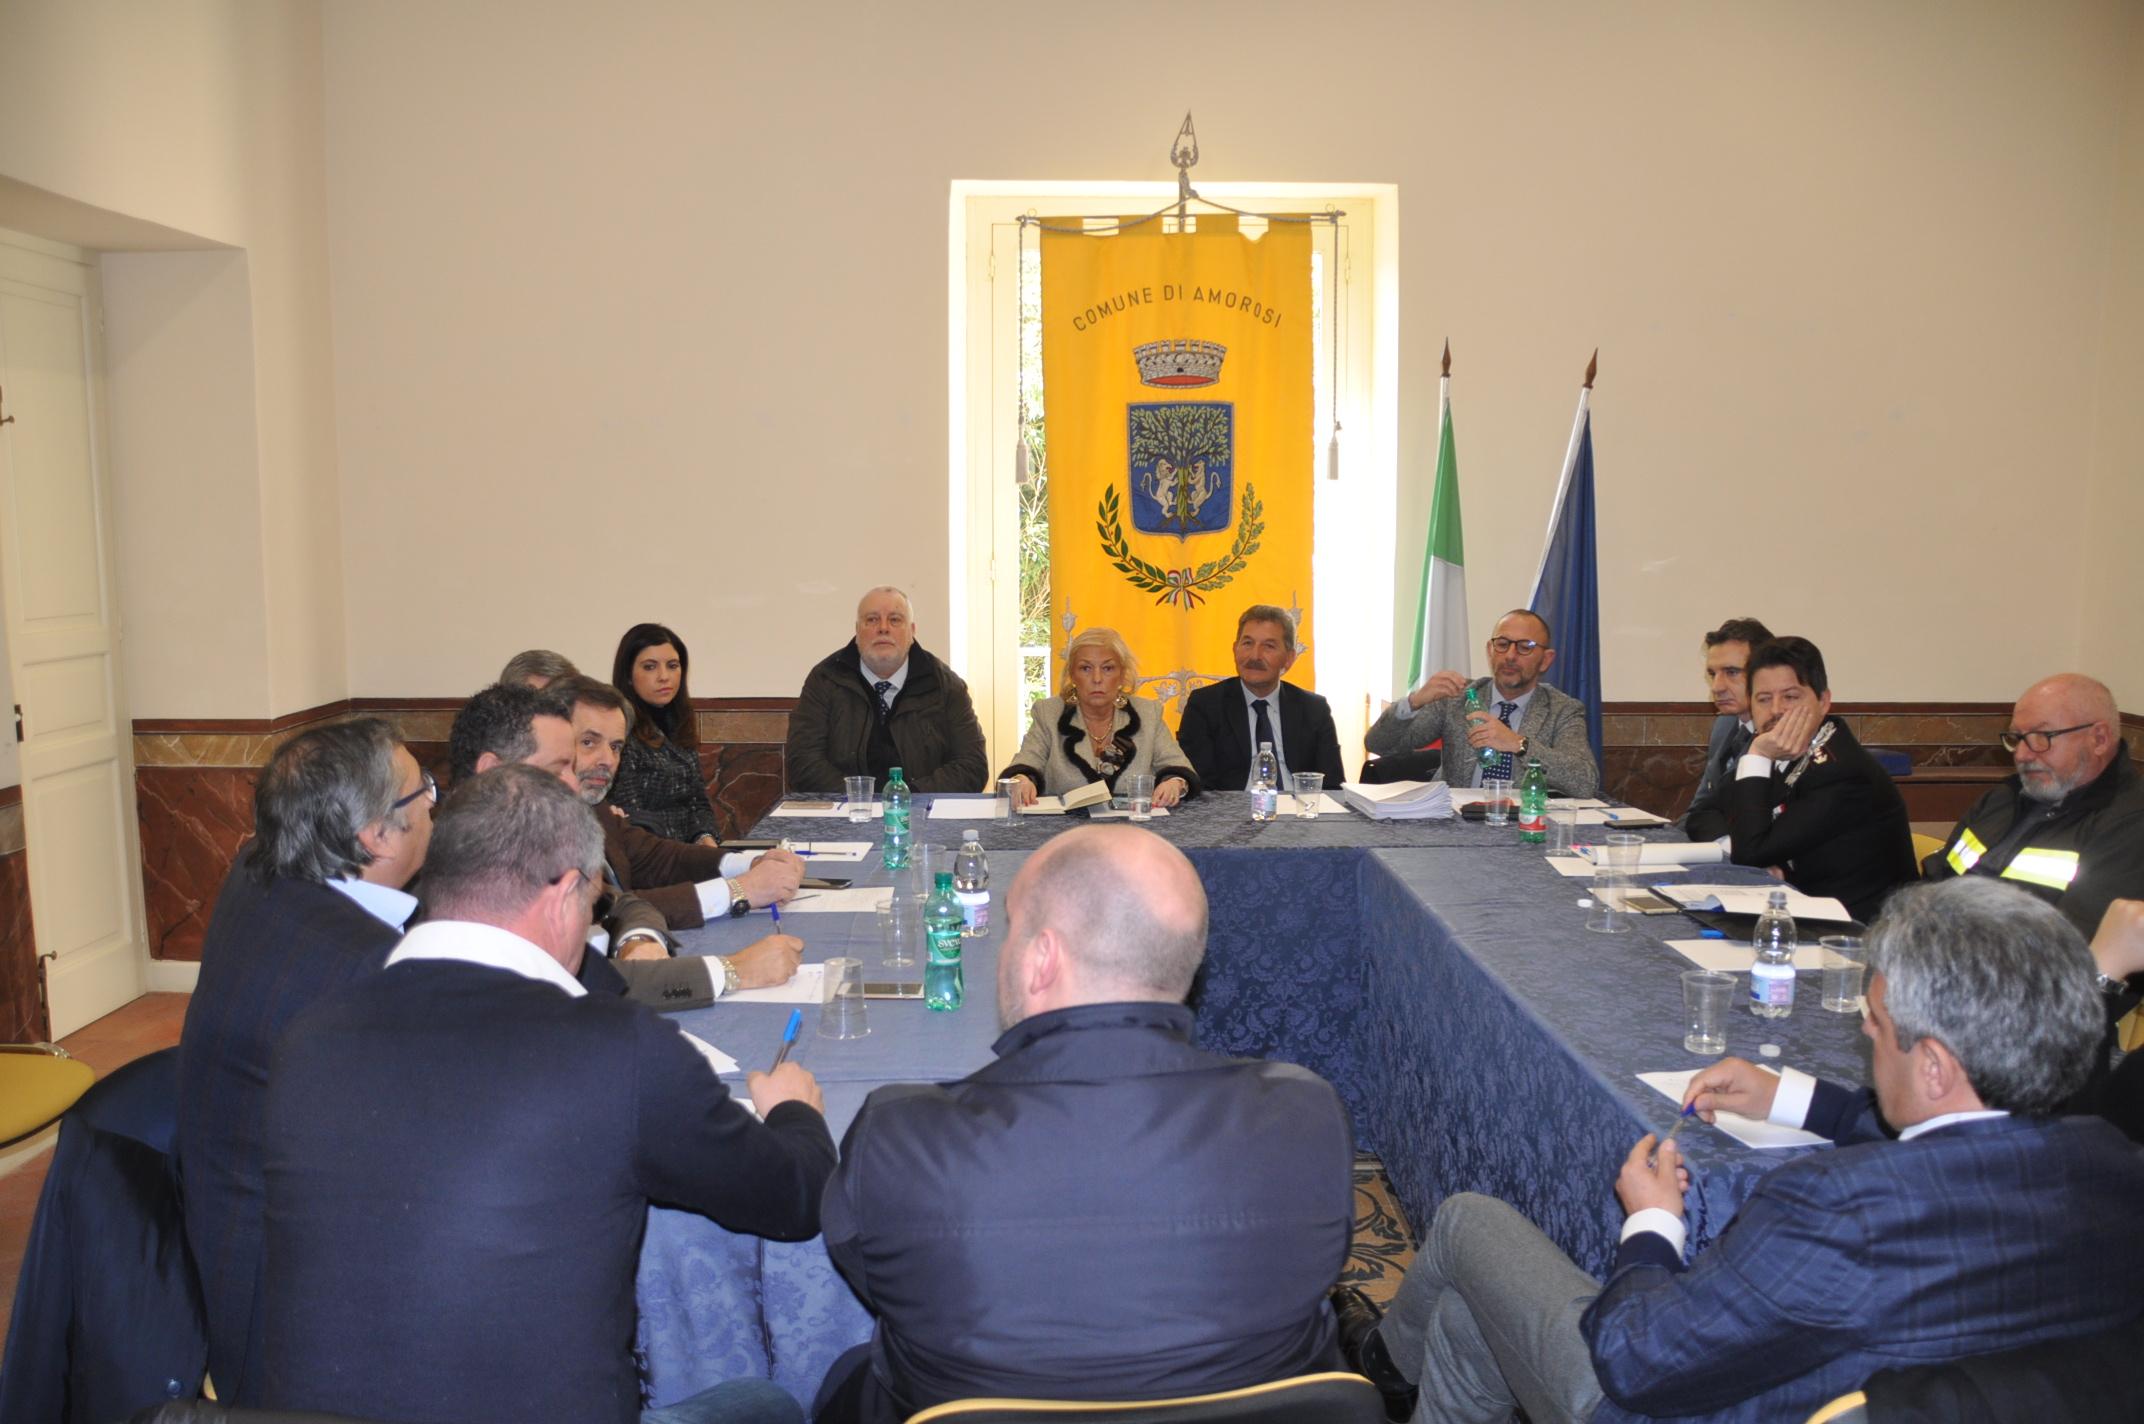 Amorosi| Ricci al Comitato ordine e sicurezza pubblica